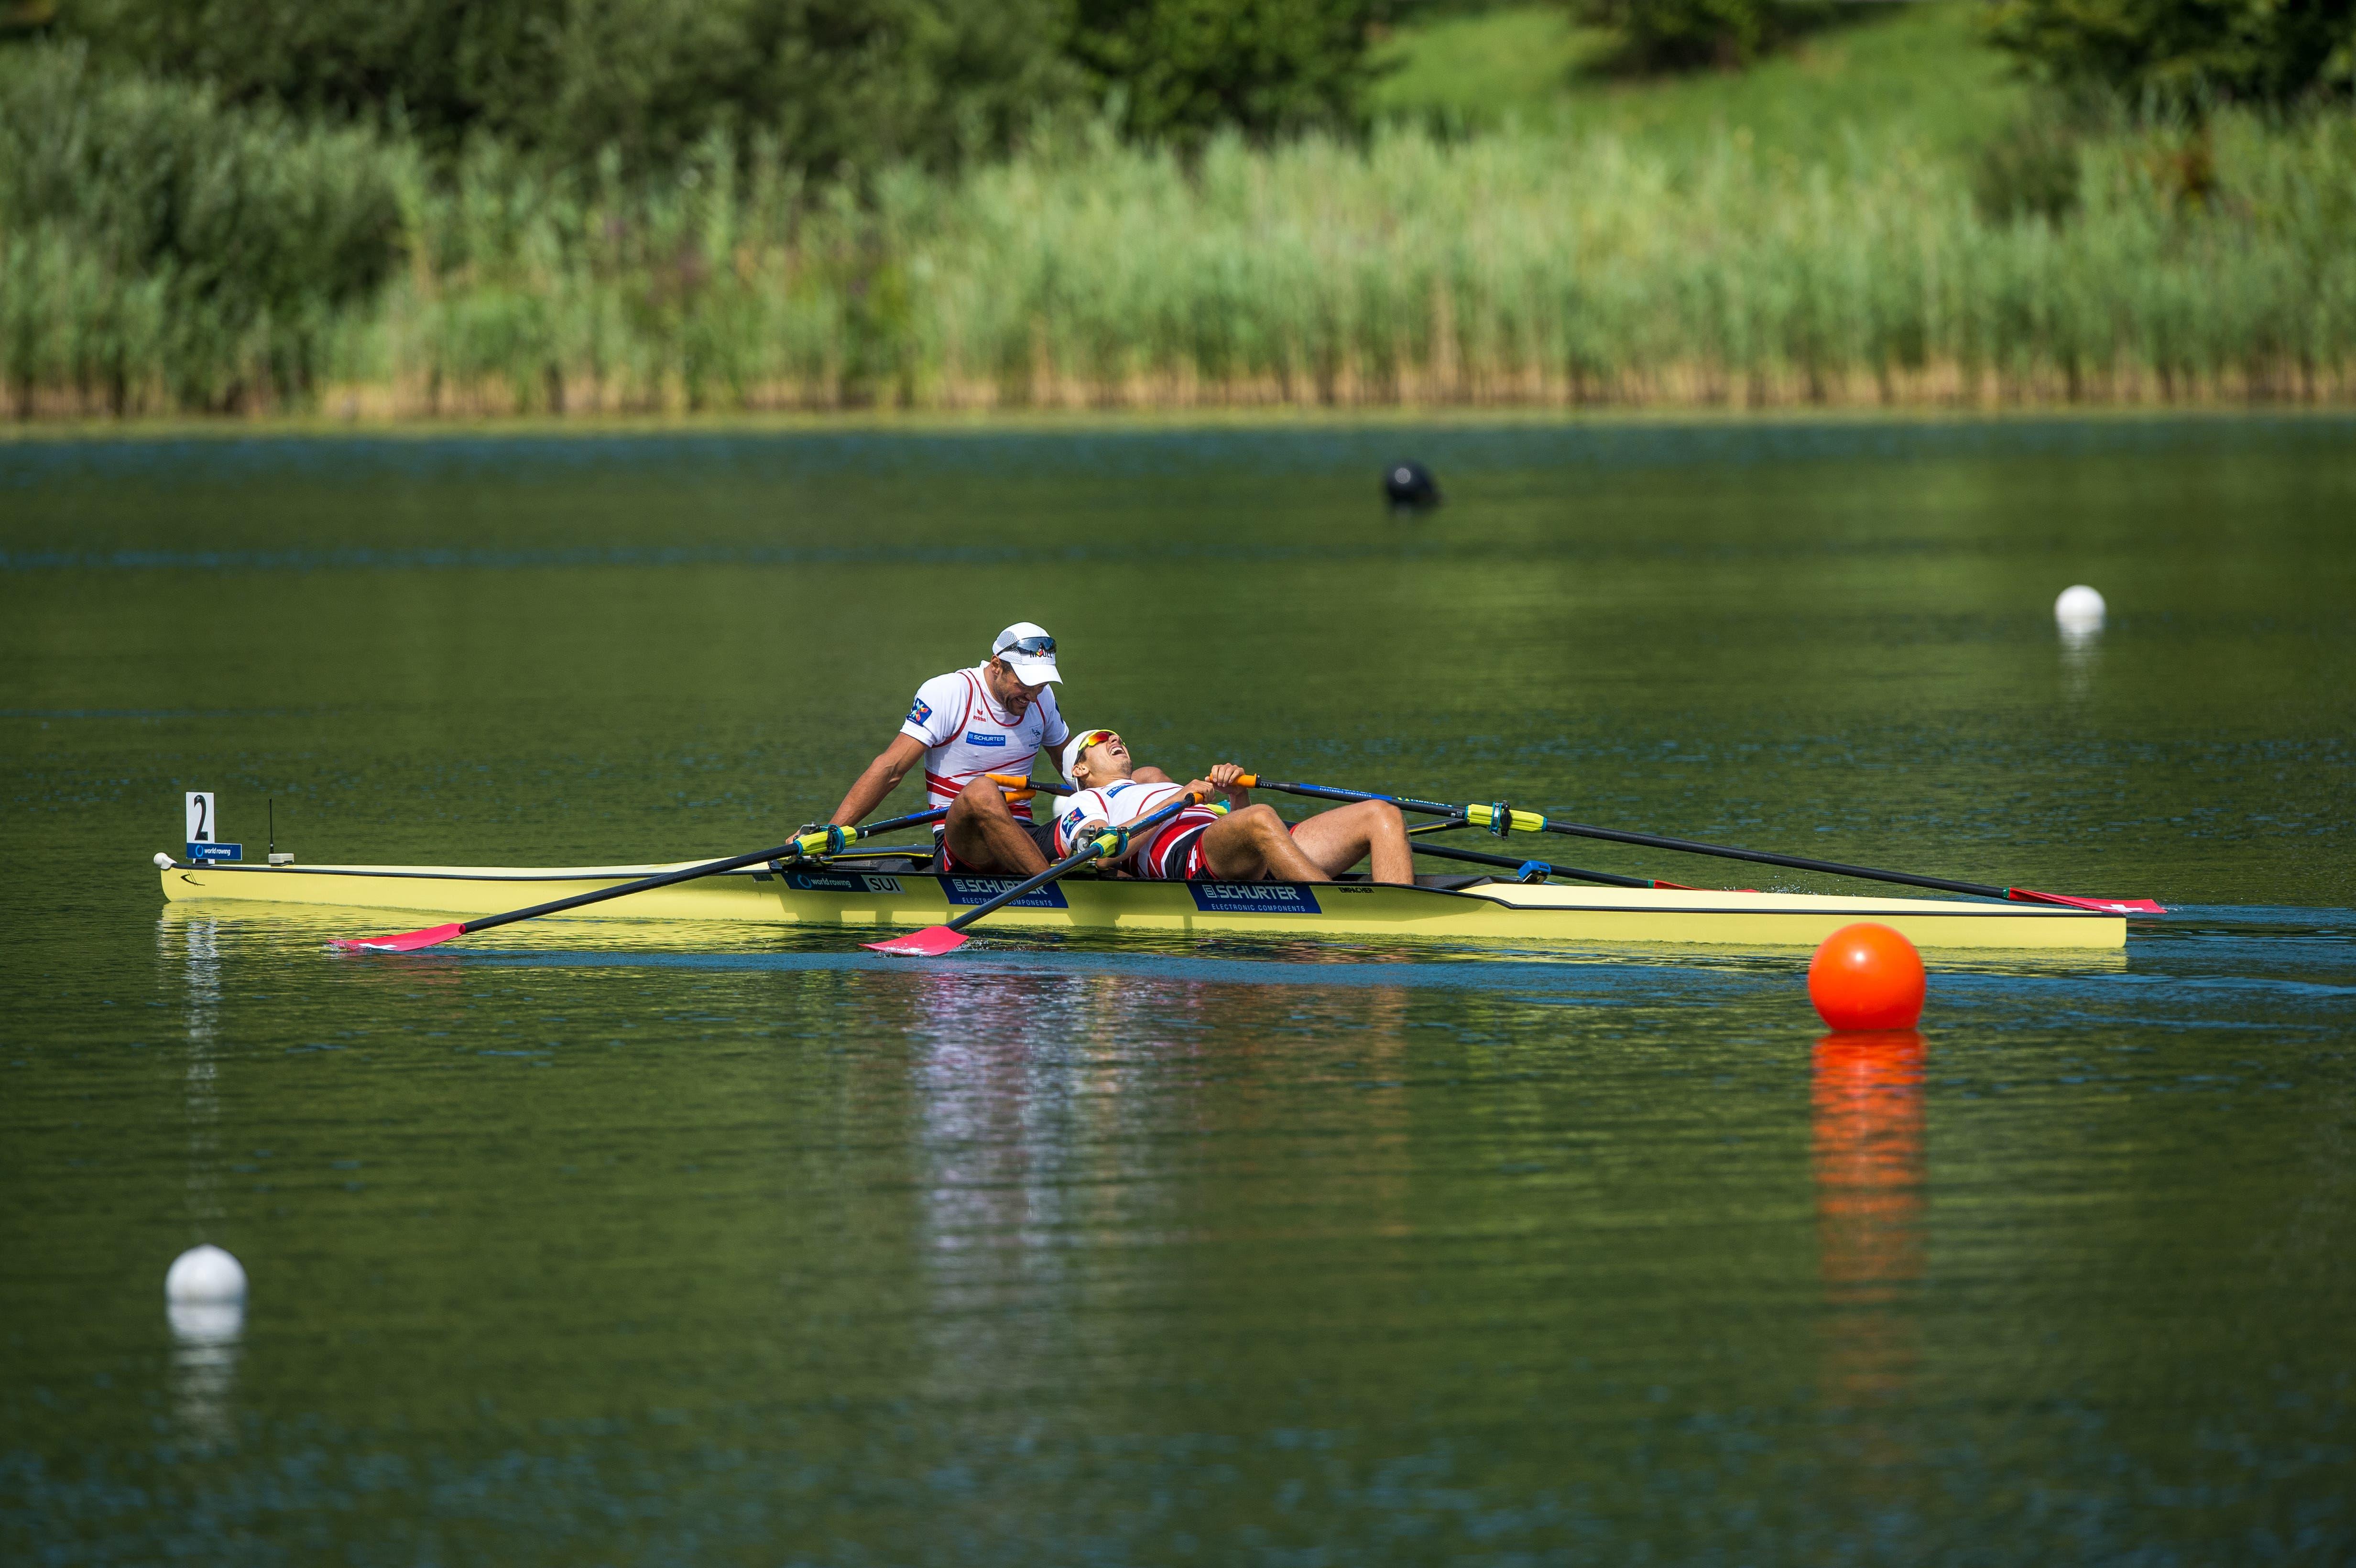 Dritter Platz bei den Männer Doppel für die Schweizer Nico Stahlberger (links) und Roman Röösli. (Bild: Dominik Wunderli (Luzern, 15. Juli 2018))